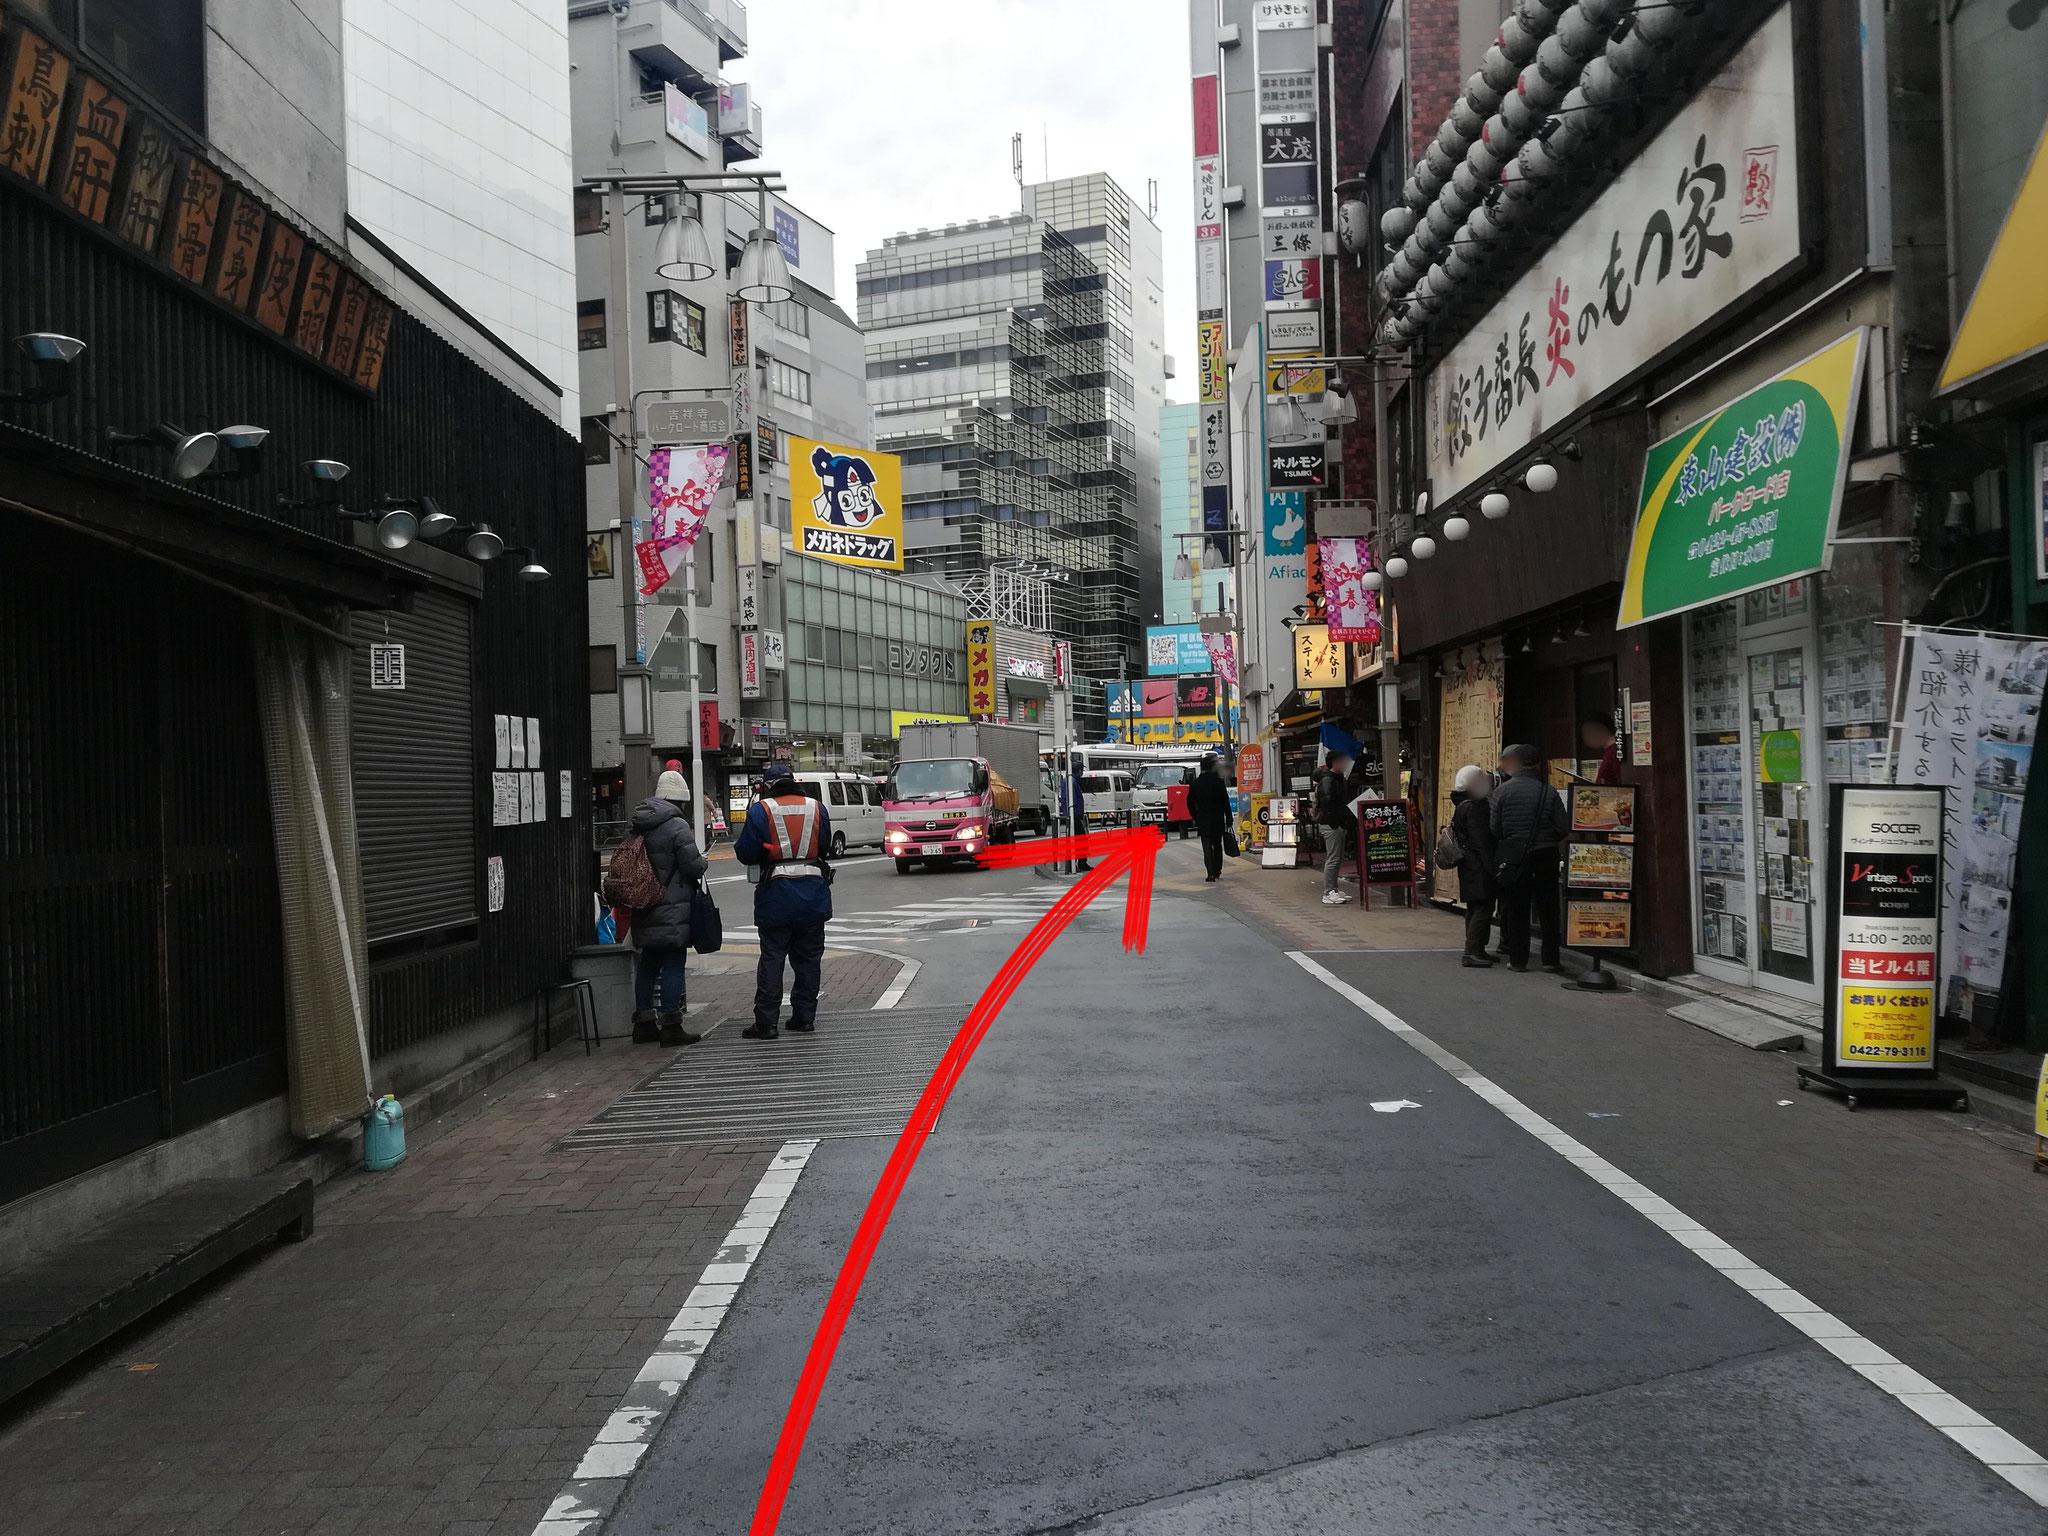 道なりに交差点まで直進します